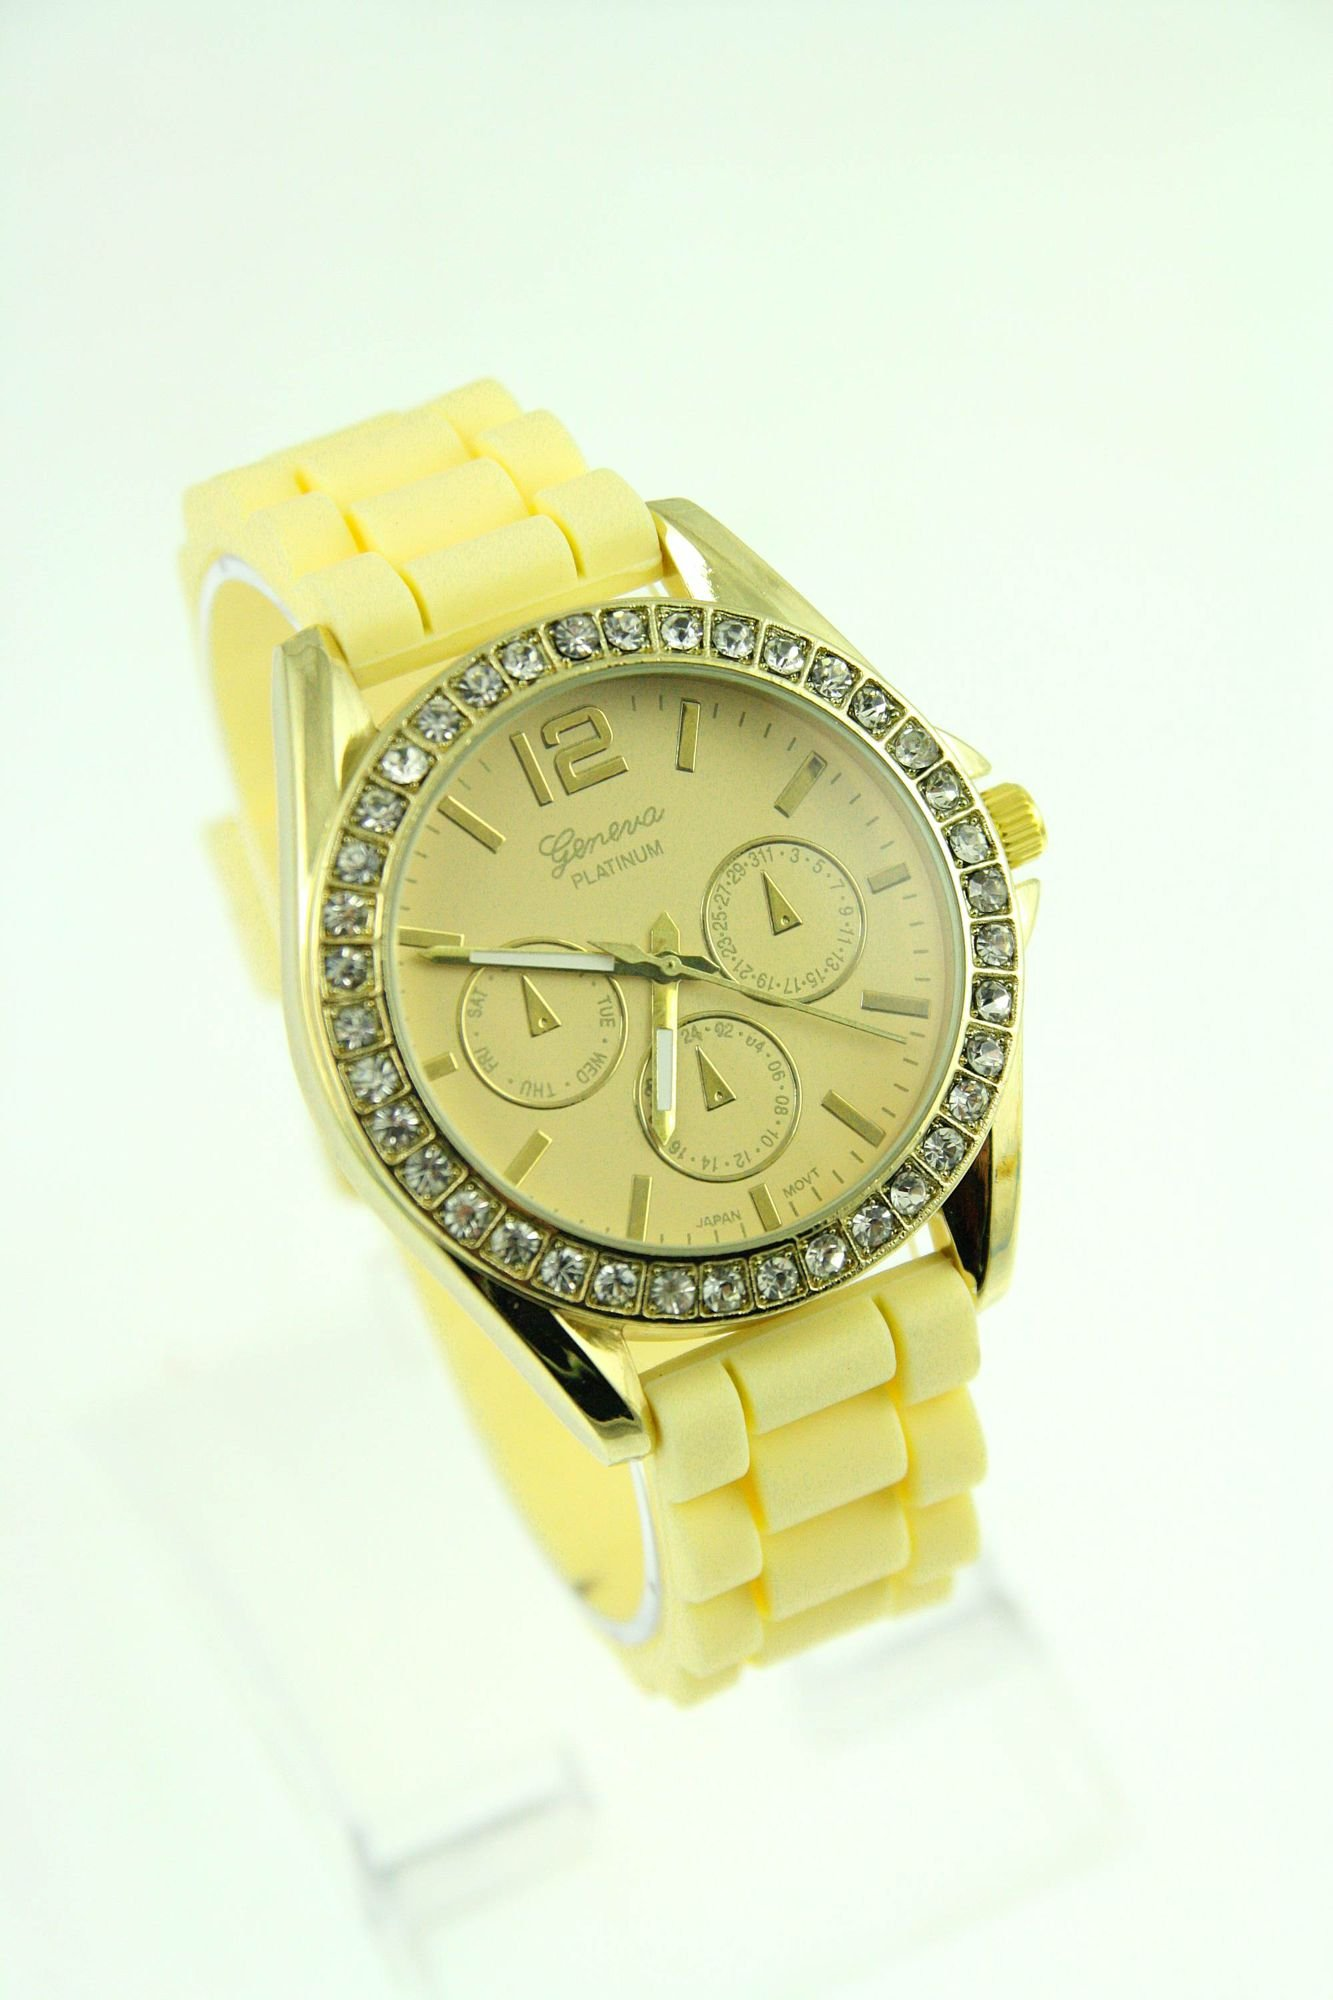 GENEVA Morelowy zegarek damski z cyrkoniami na silikonowym pasku                                  zdj.                                  1